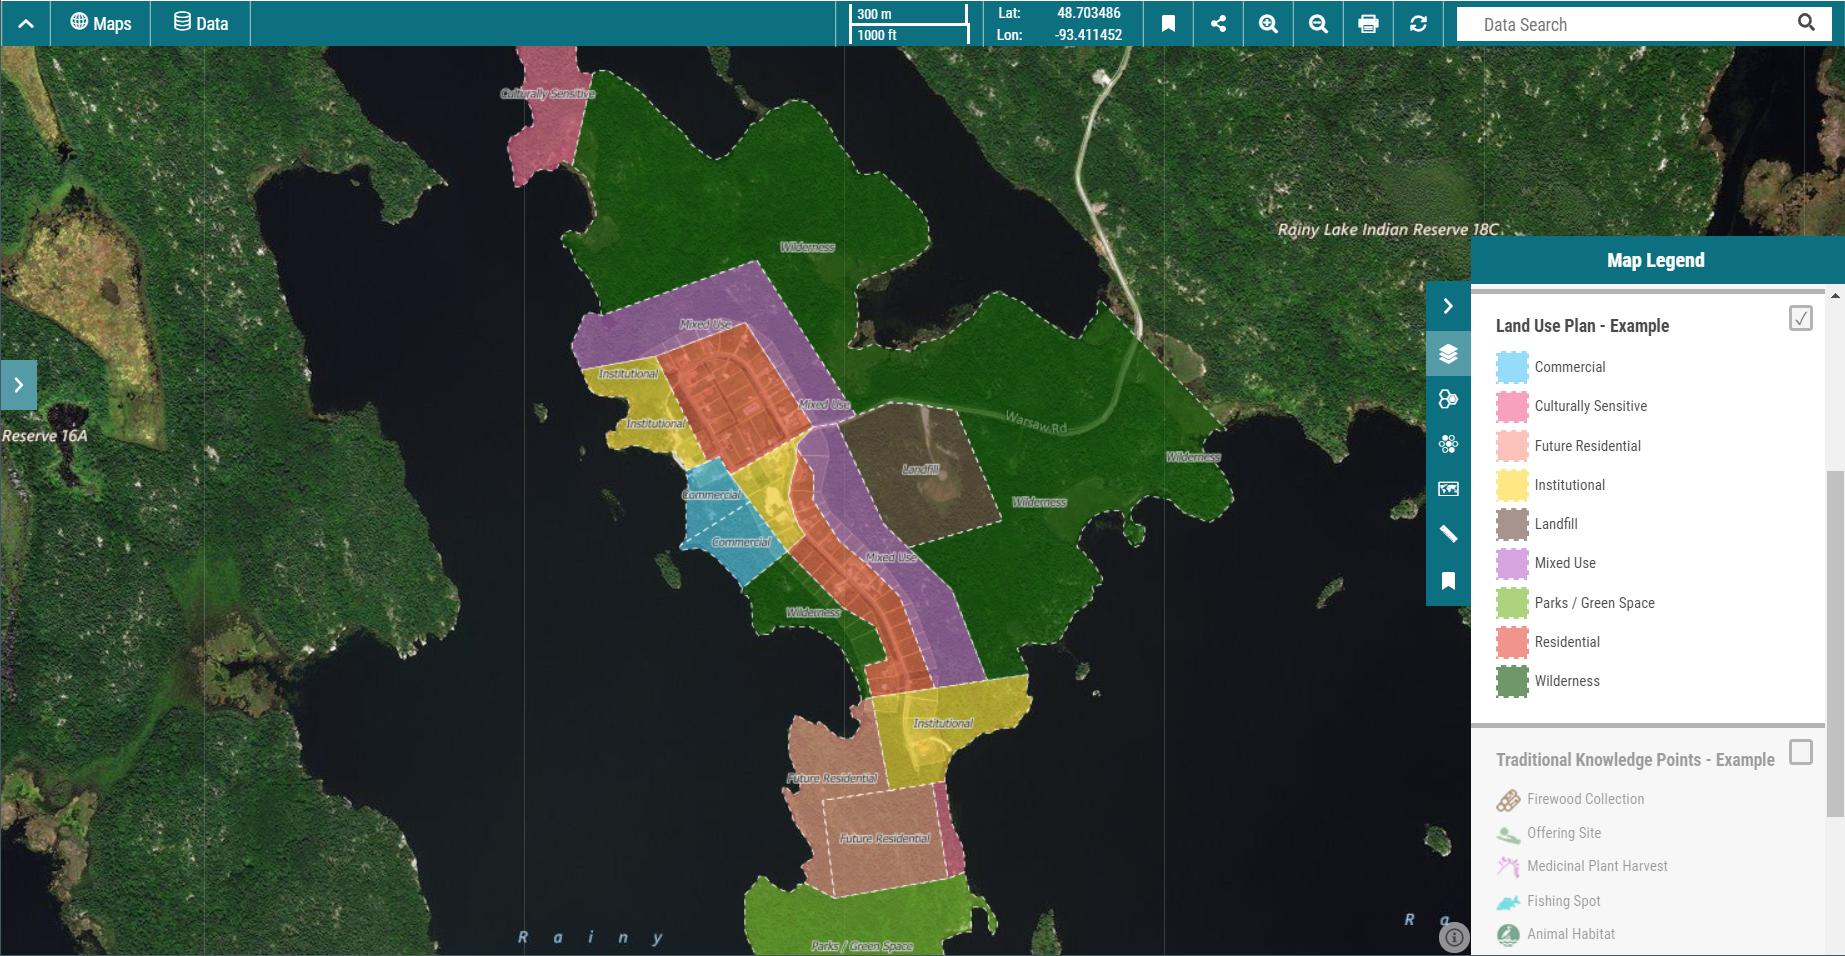 mapaki land use plan map